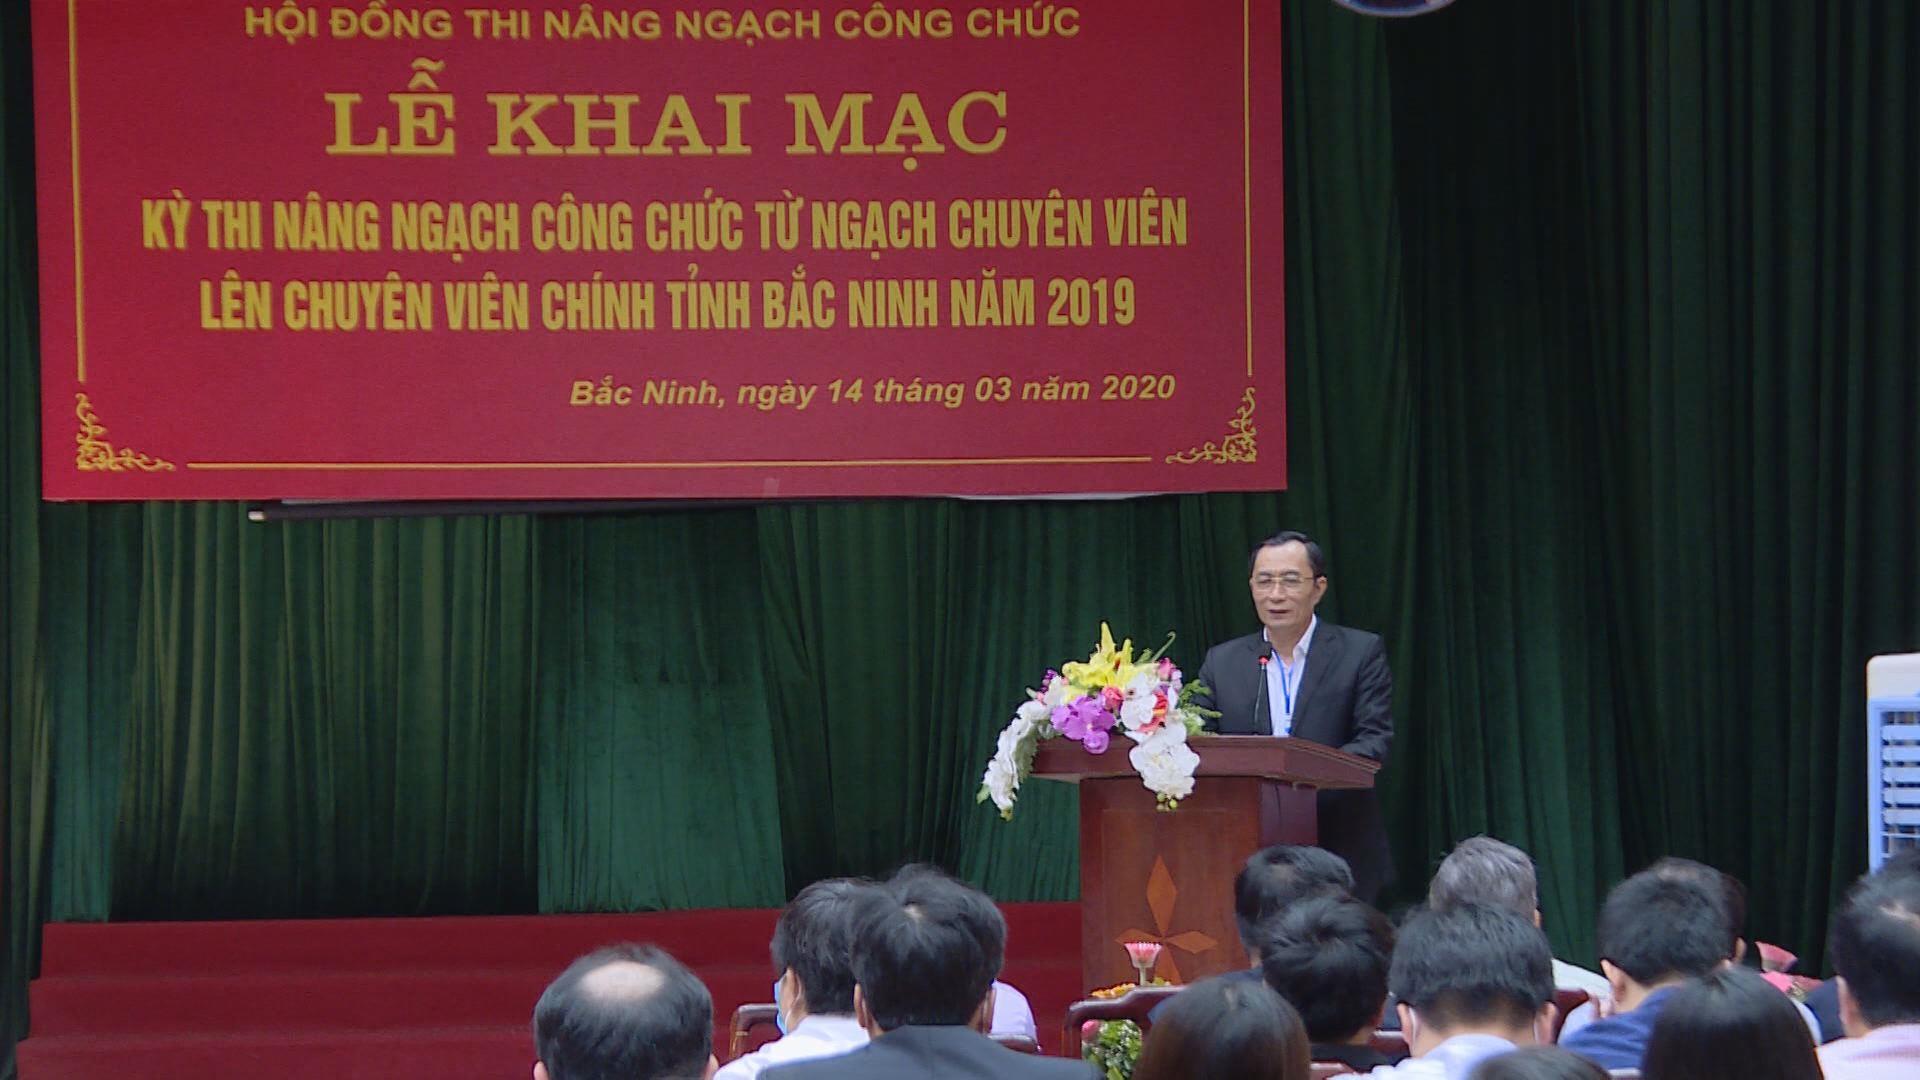 Gặp mặt, nói chuyện truyền thống tại nơi thành lập Đảng bộ Đông dương Cộng sản Đảng Bắc Ninh – Bắc Giang